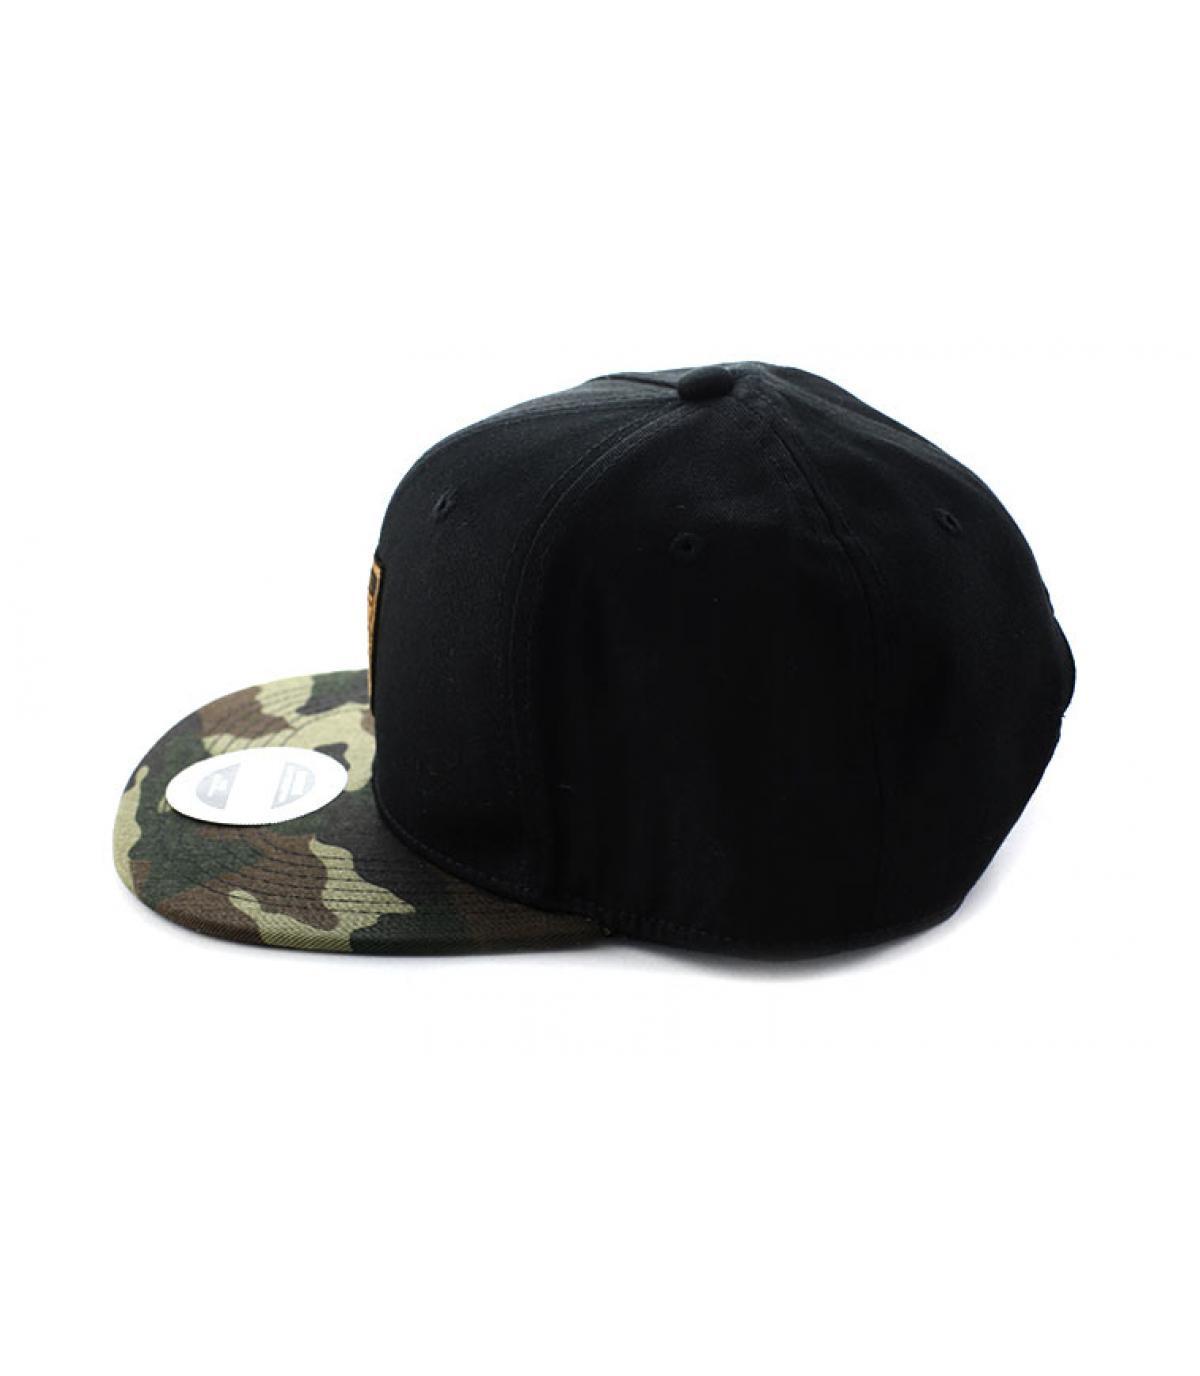 Détails Snapback Do Or Do Not black camo - image 4